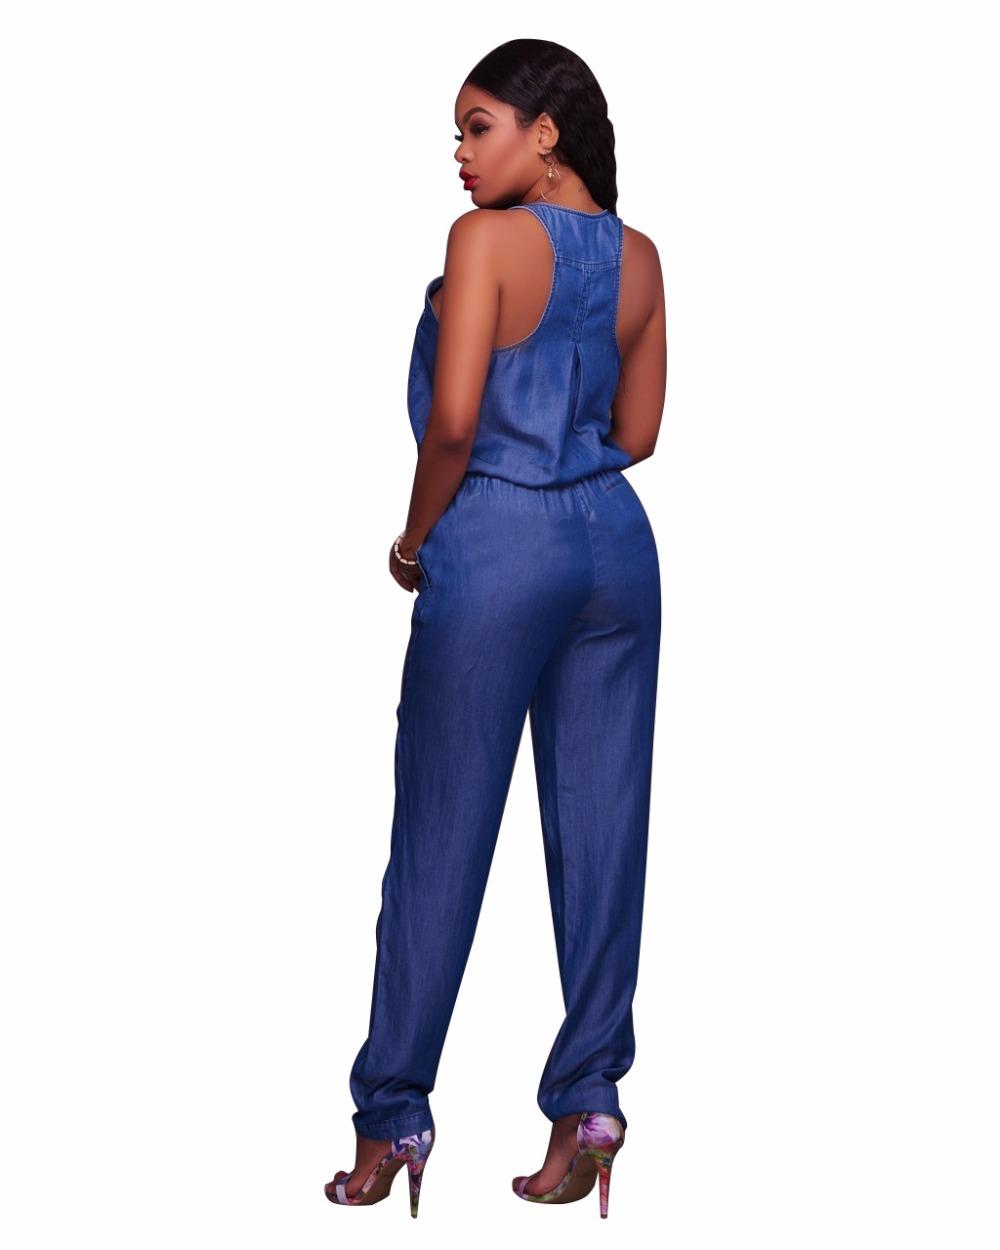 ae028adcce72 ... Jumpsuit For Women Overalls Romper Body Femme Harem Full Length Denim  Regular Fit Drawstring Waist Tank ...